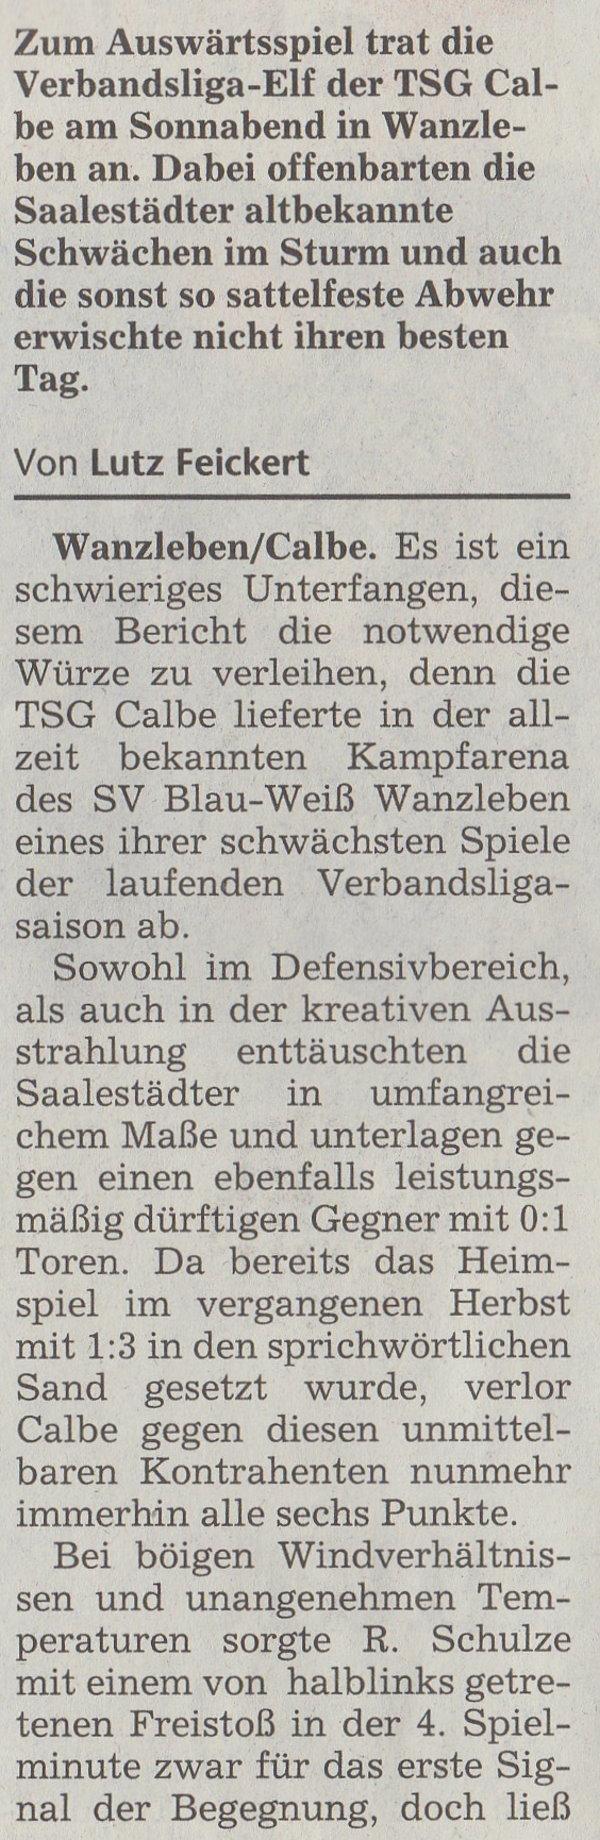 Volksstimme-Artikel vom 07. April 2003 (Teil 1).